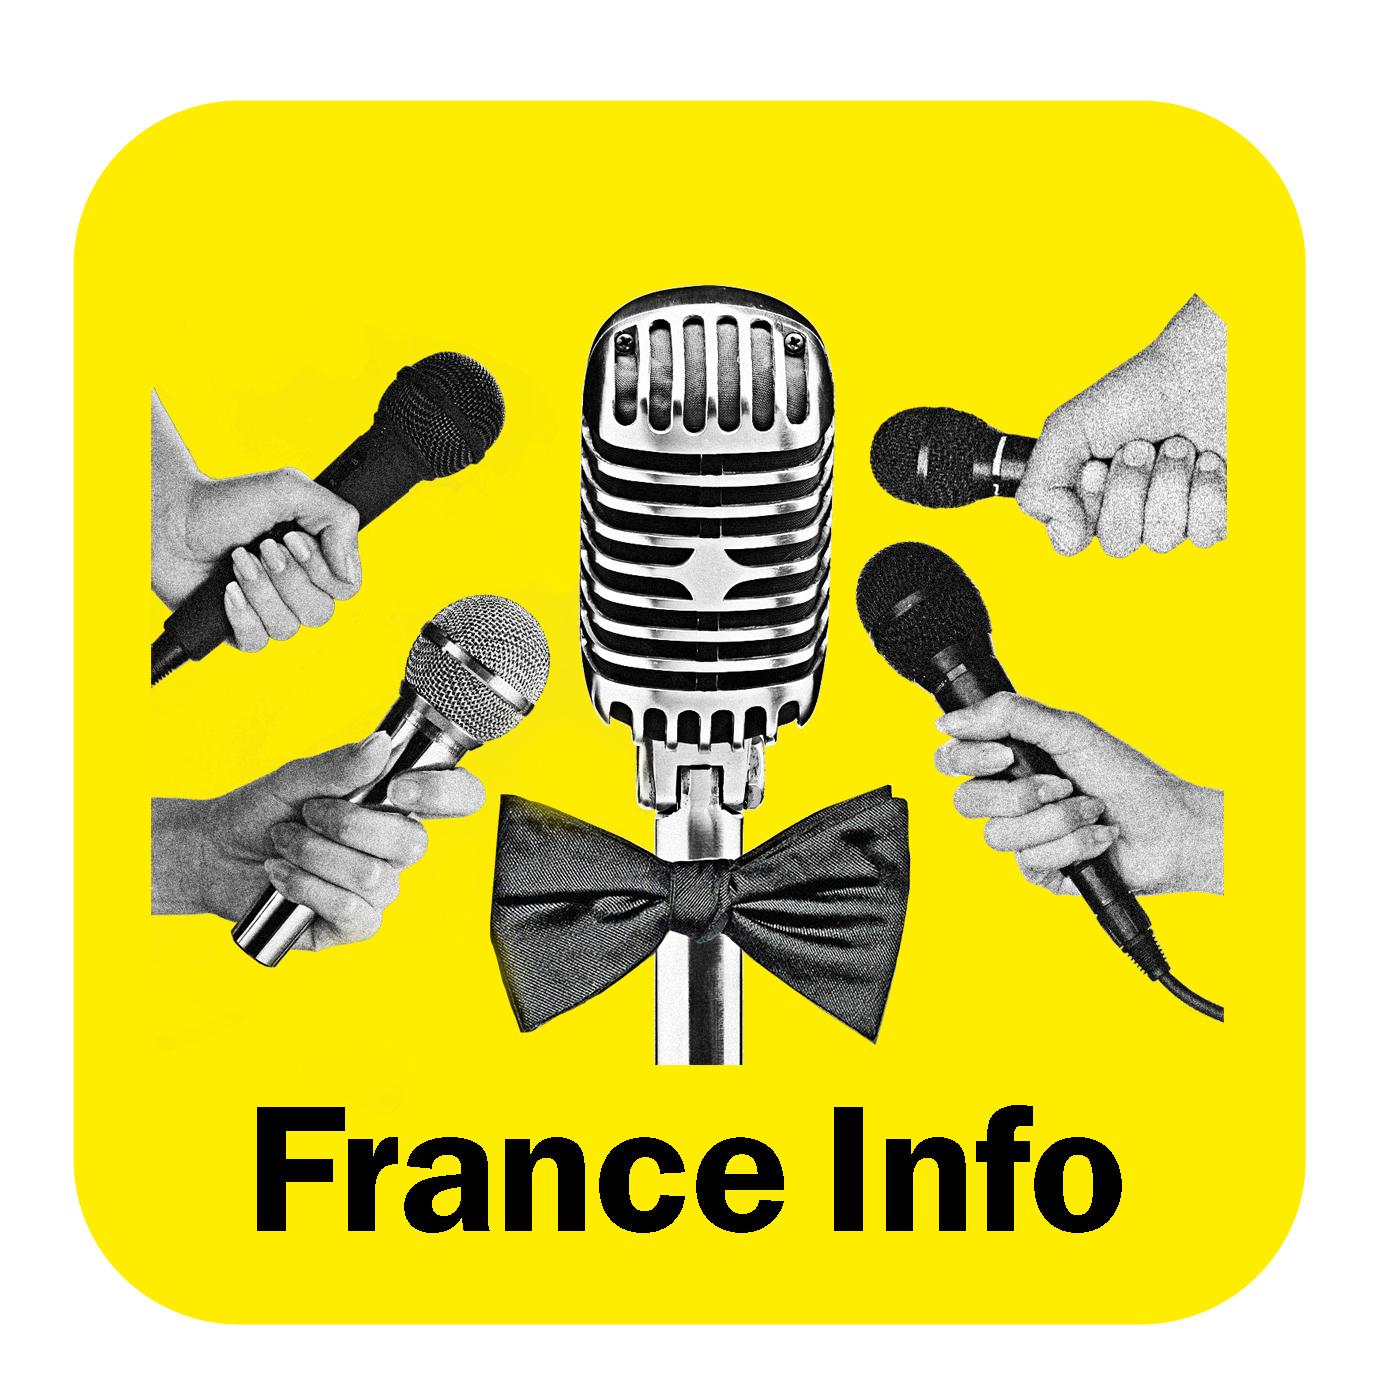 Les informés de France Info | France Info